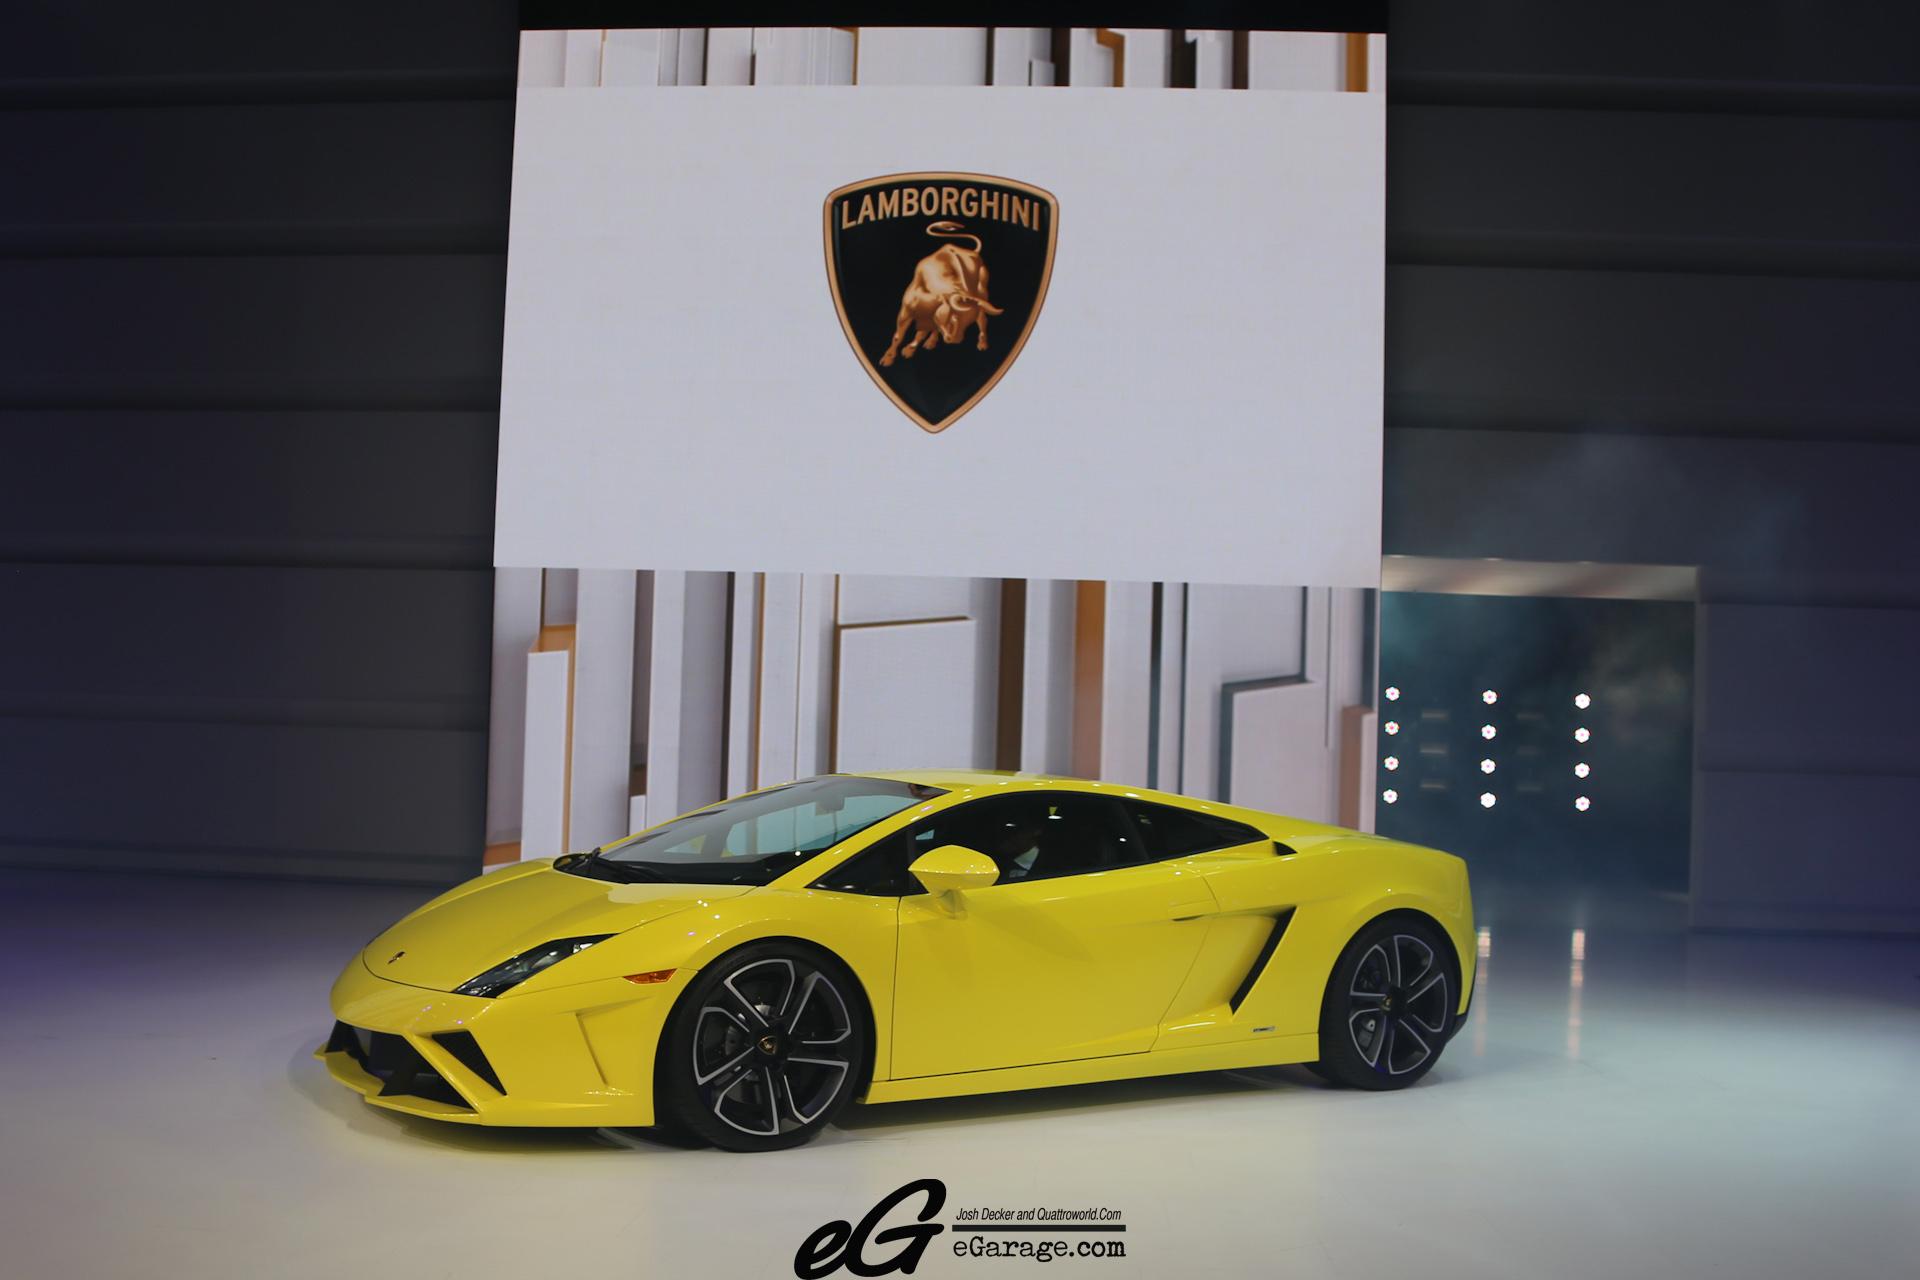 8030388733 824c1e4a6d o 2012 Paris Motor Show